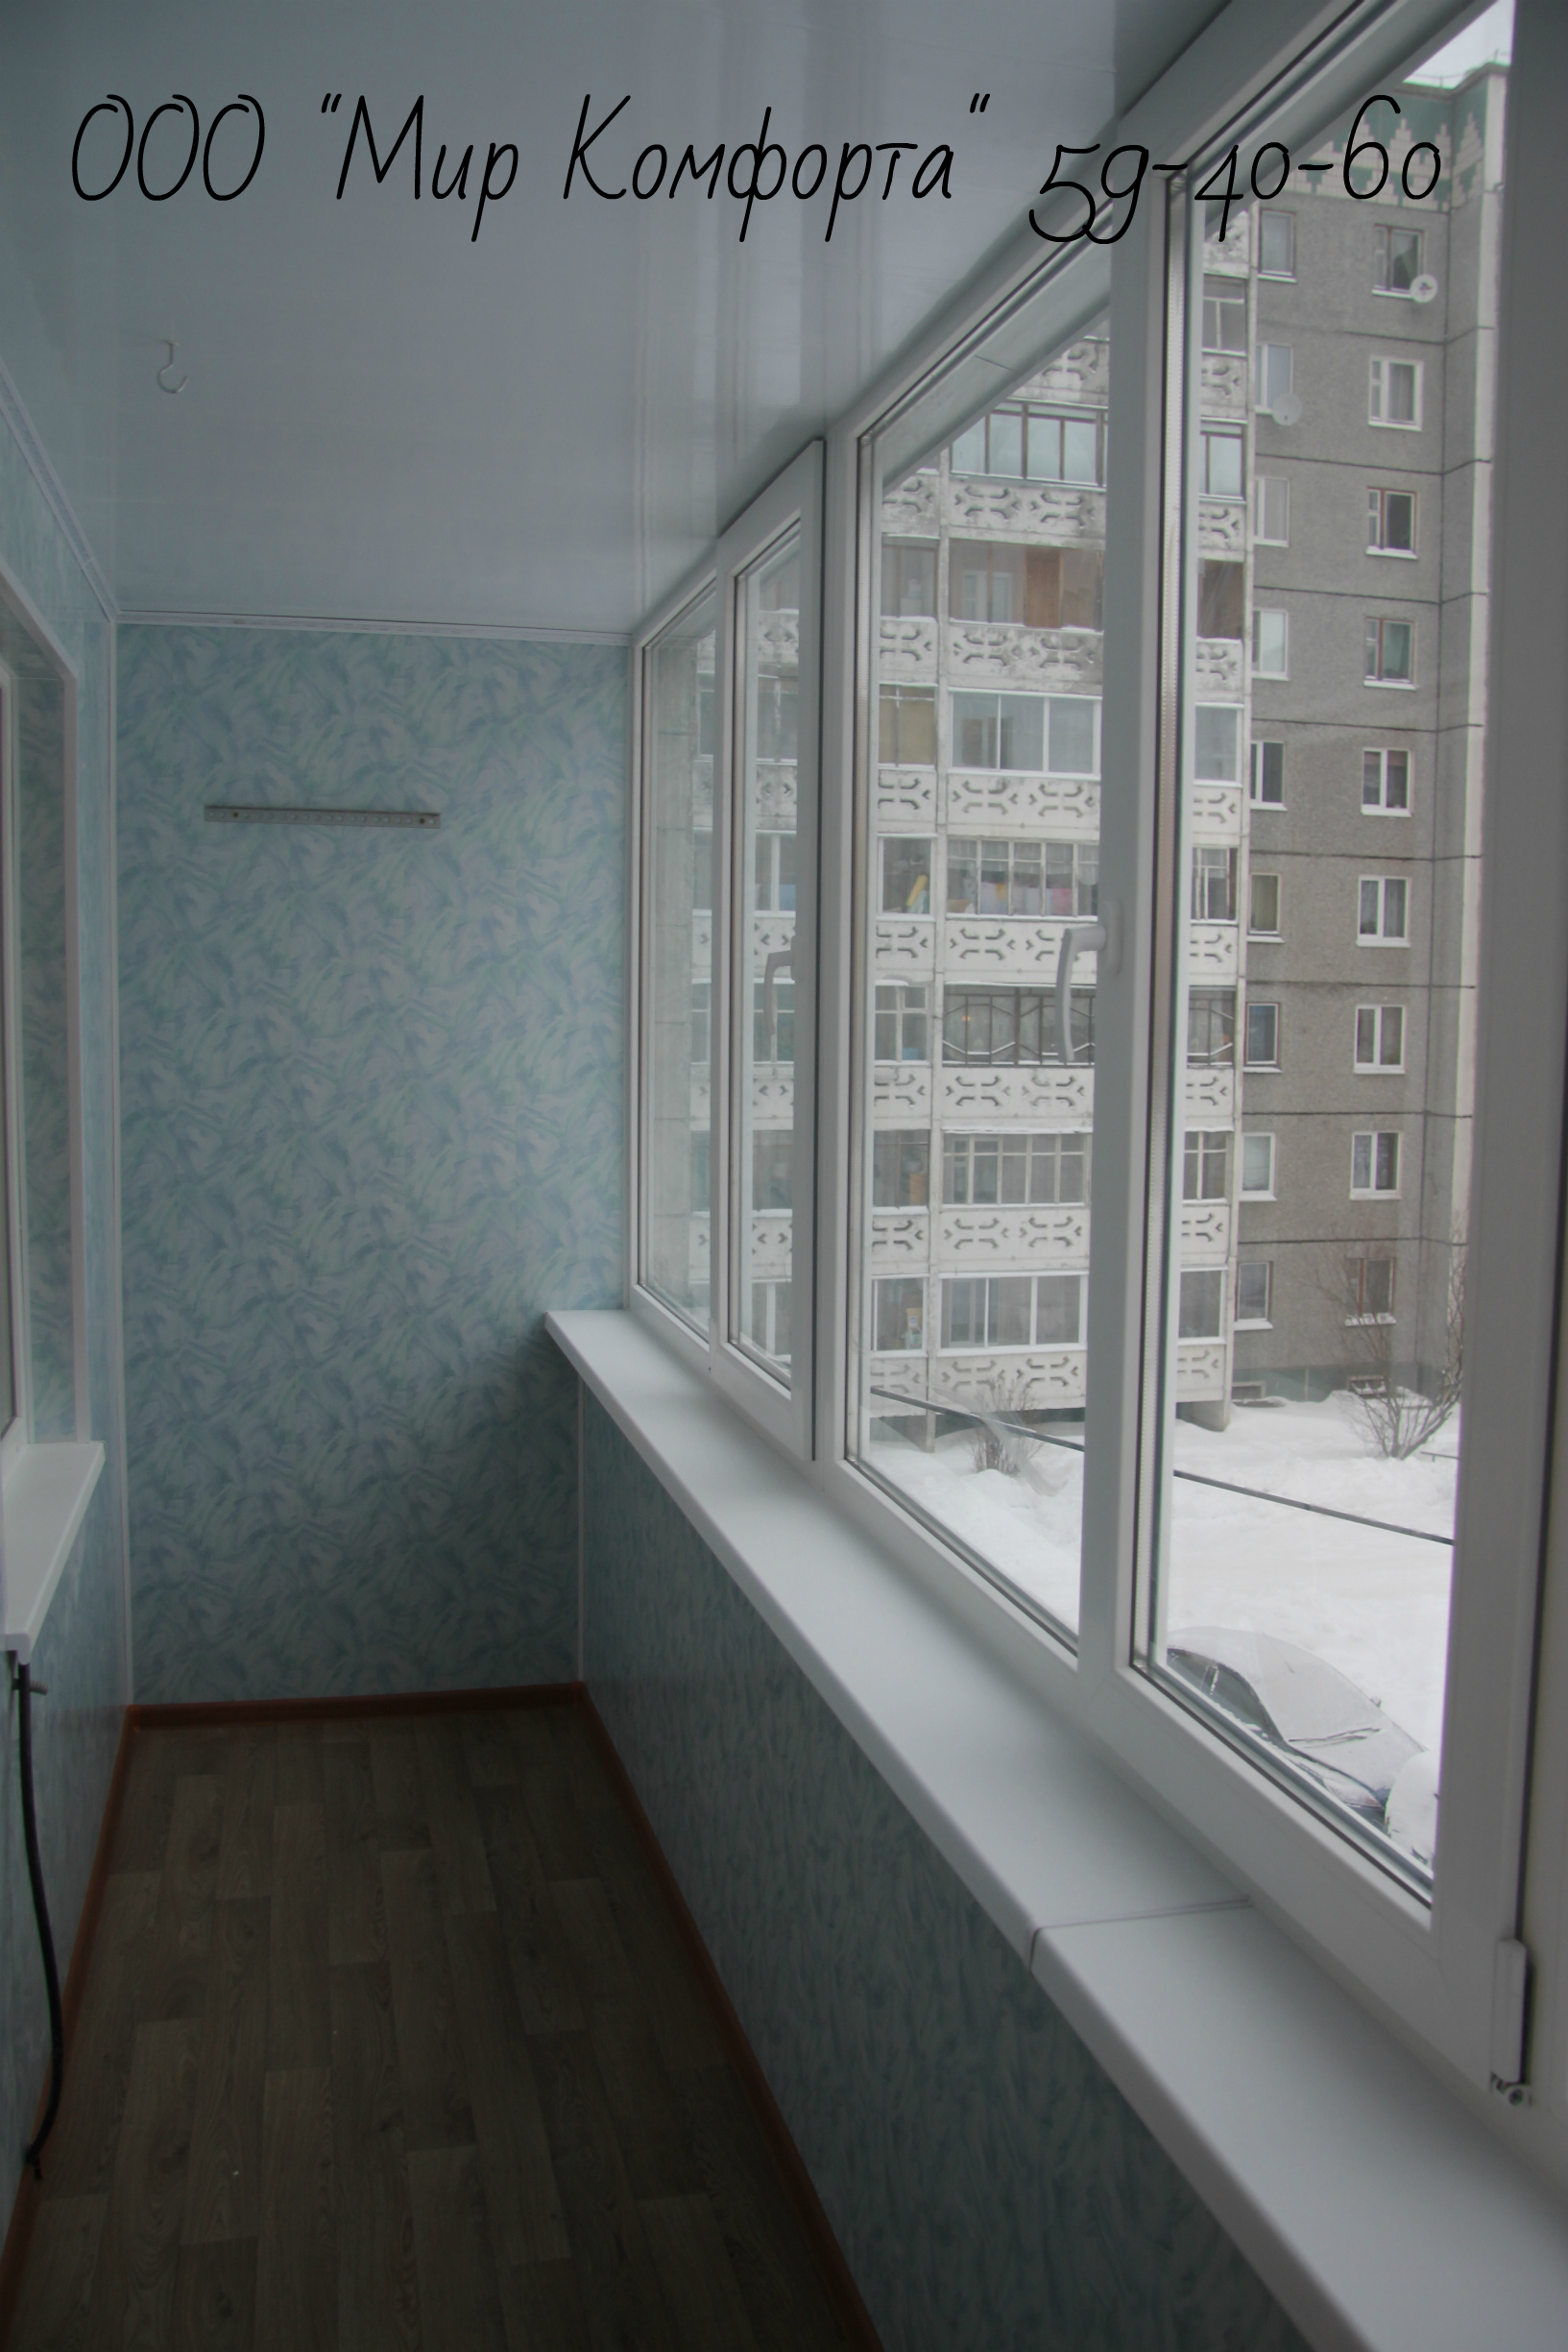 Обшивка, утепление лоджий и балконов мир комфорта.